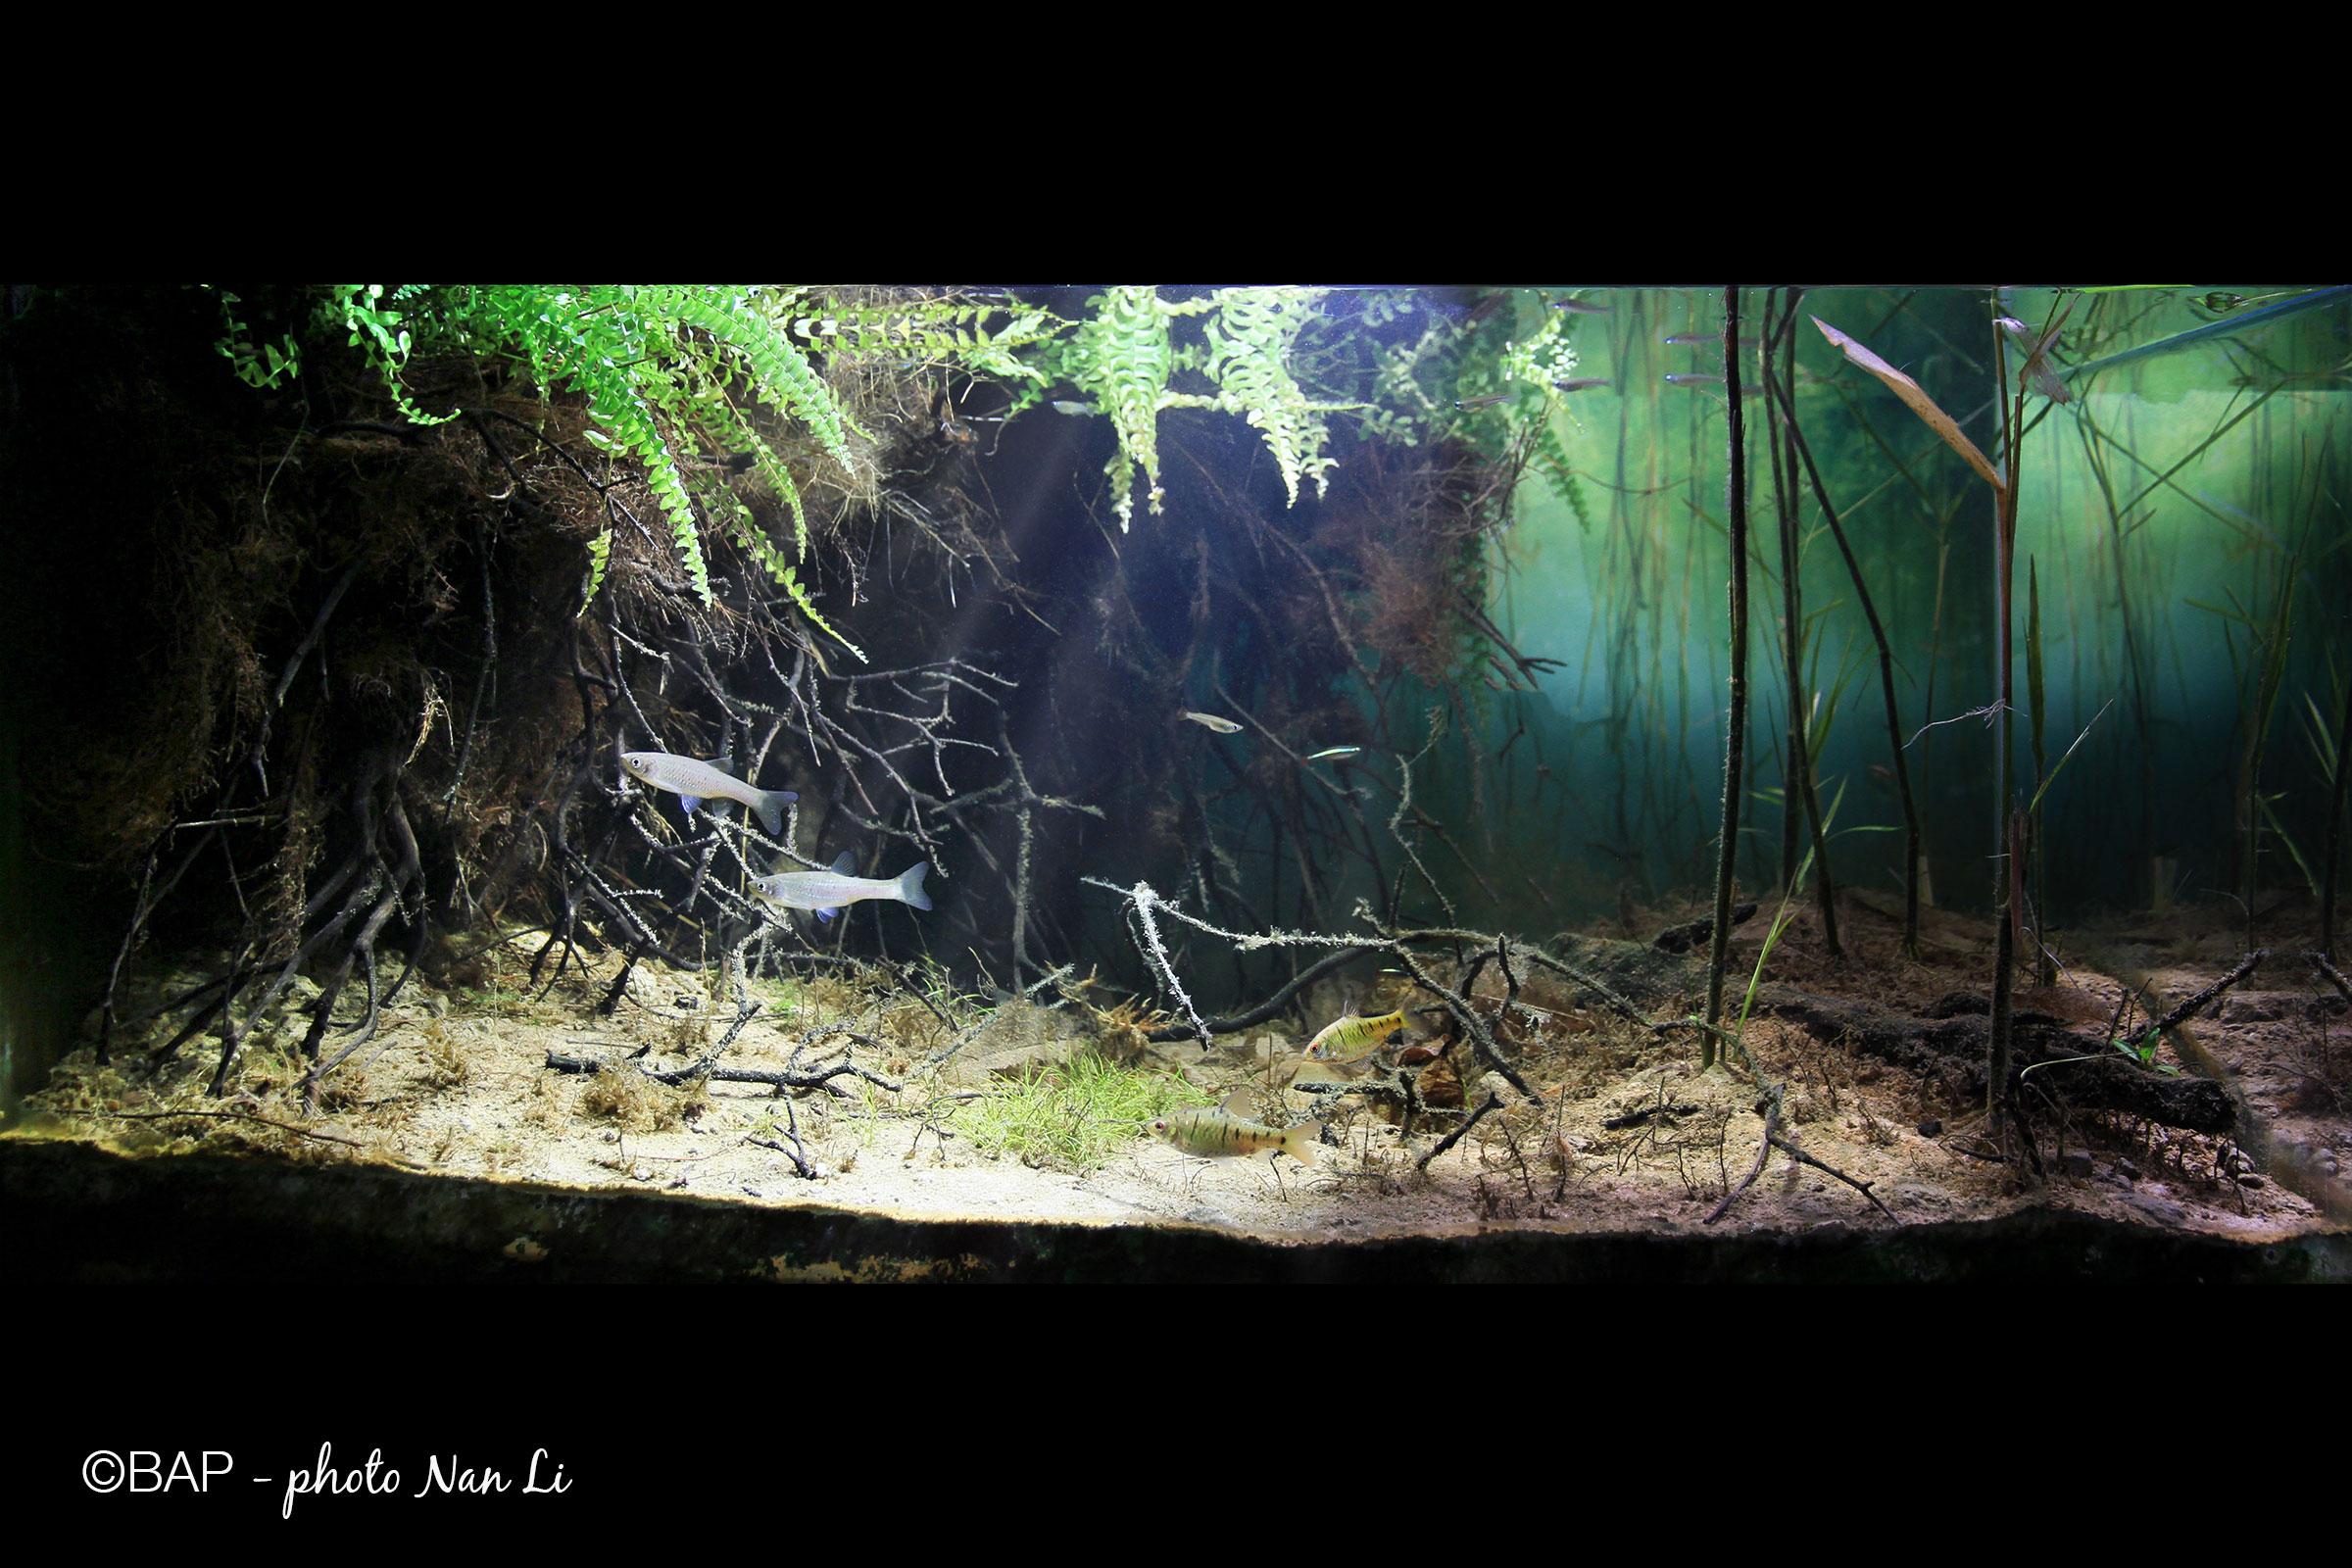 Unnamed swamp in Conghua, Guangzhou, China. Photo by Nan Li